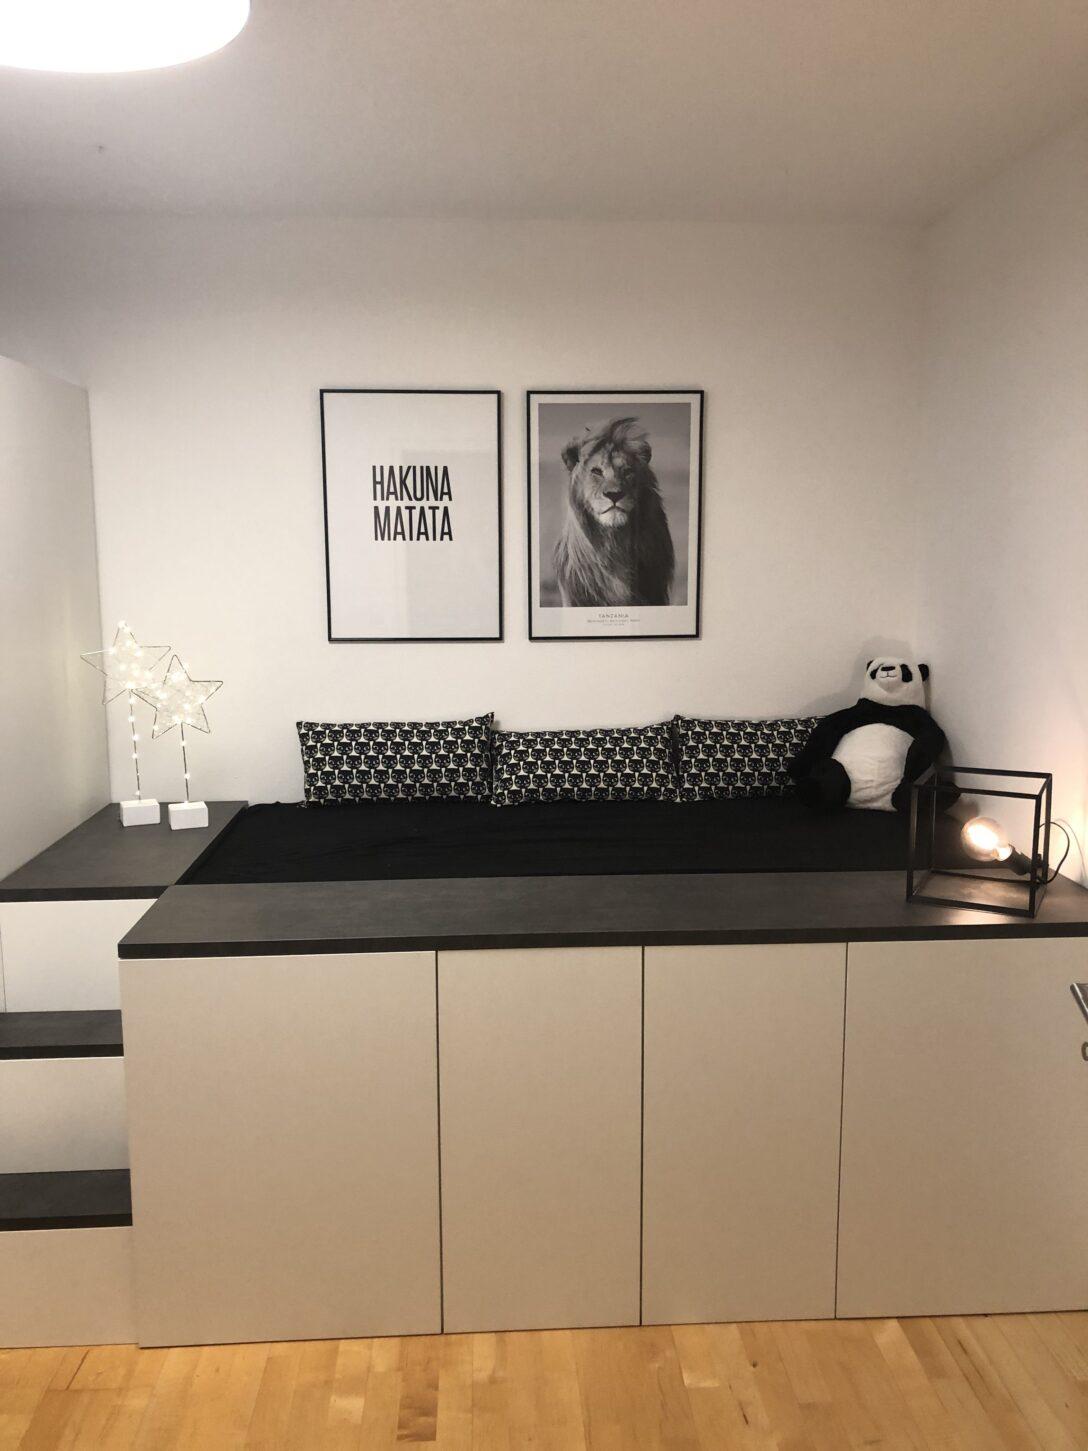 Large Size of Ikea Jugendzimmer Mit Zimmer Einrichten Sofa Küche Kosten Bett Kaufen Betten Bei 160x200 Miniküche Modulküche Schlaffunktion Wohnzimmer Ikea Jugendzimmer